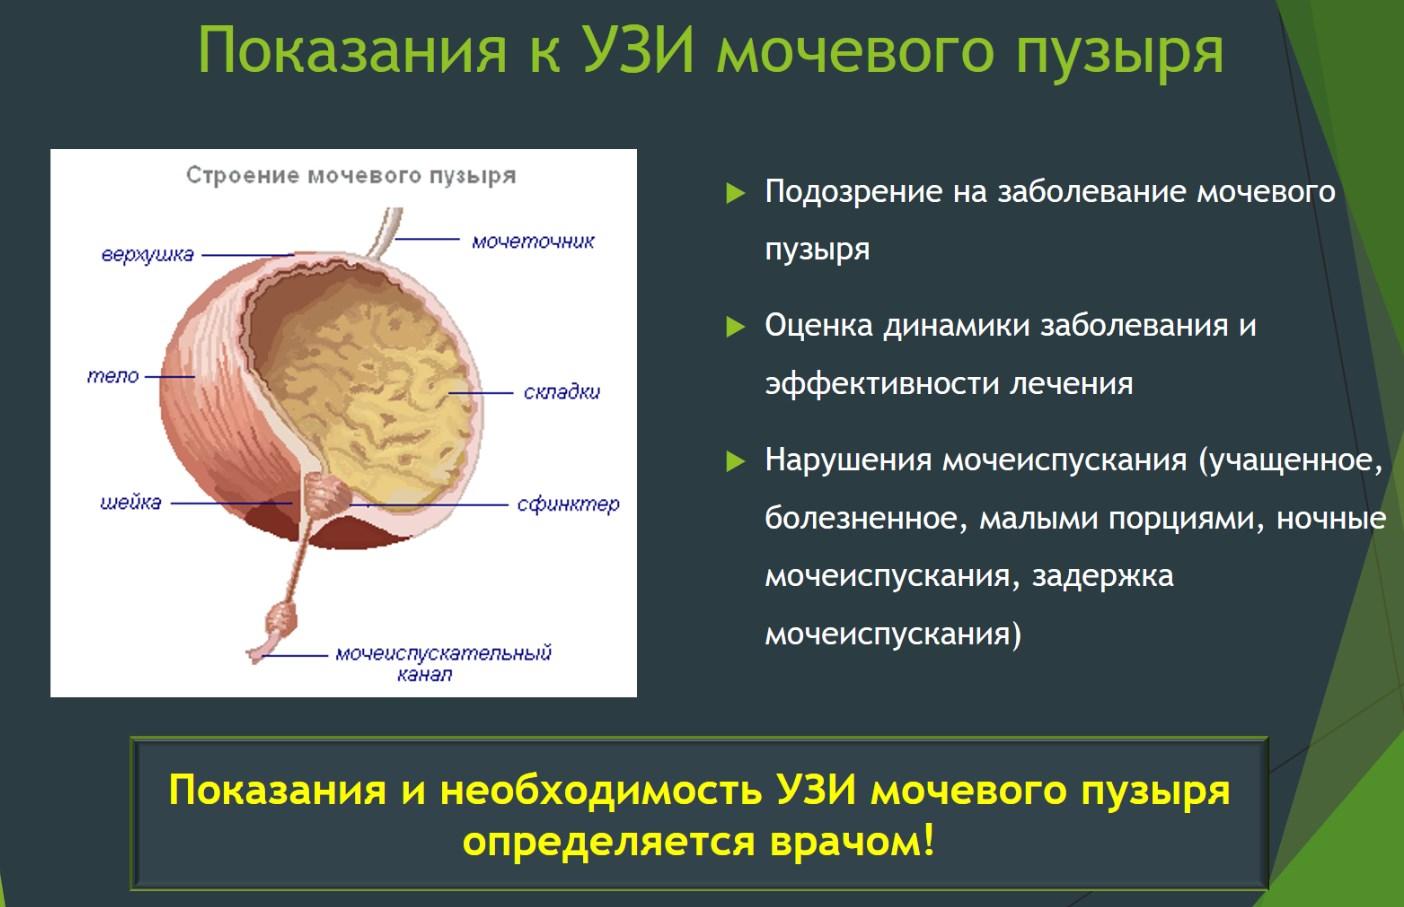 Показания УЗИ мочевого пузыря